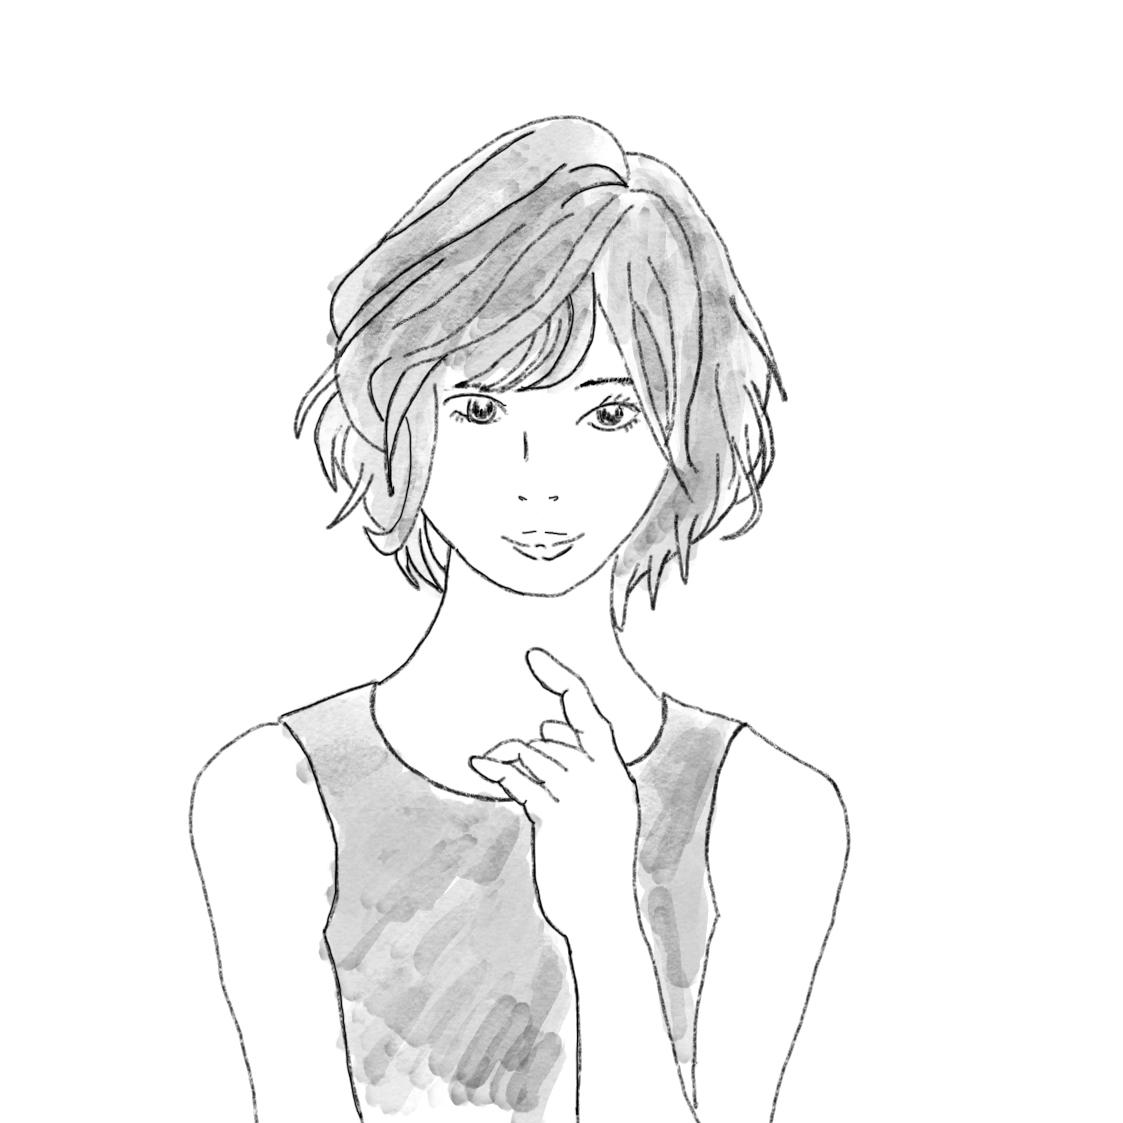 似顔絵などのイラストを制作します 様々なタッチでオリジナルの人物像のイラストを描けます。